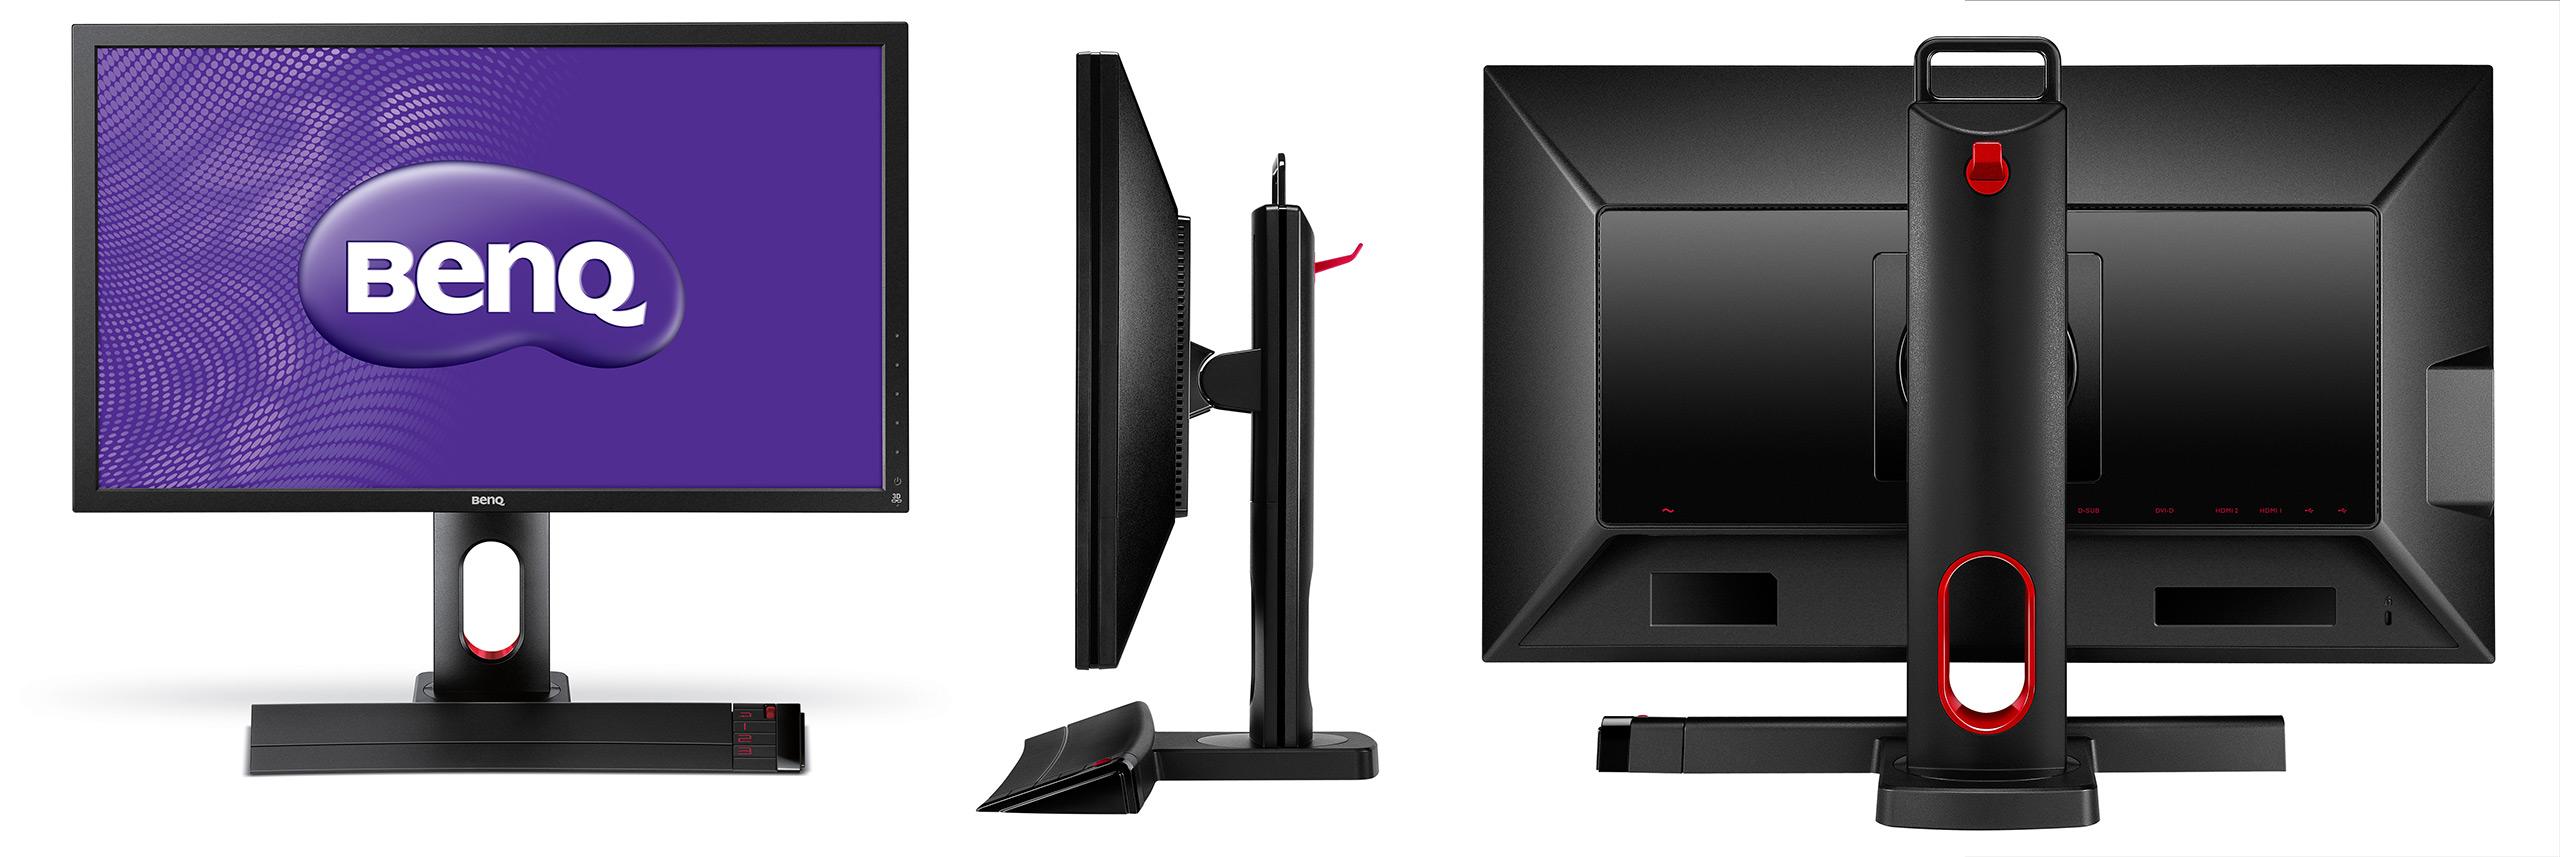 benq-xl2420t-3d-monitor.jpg